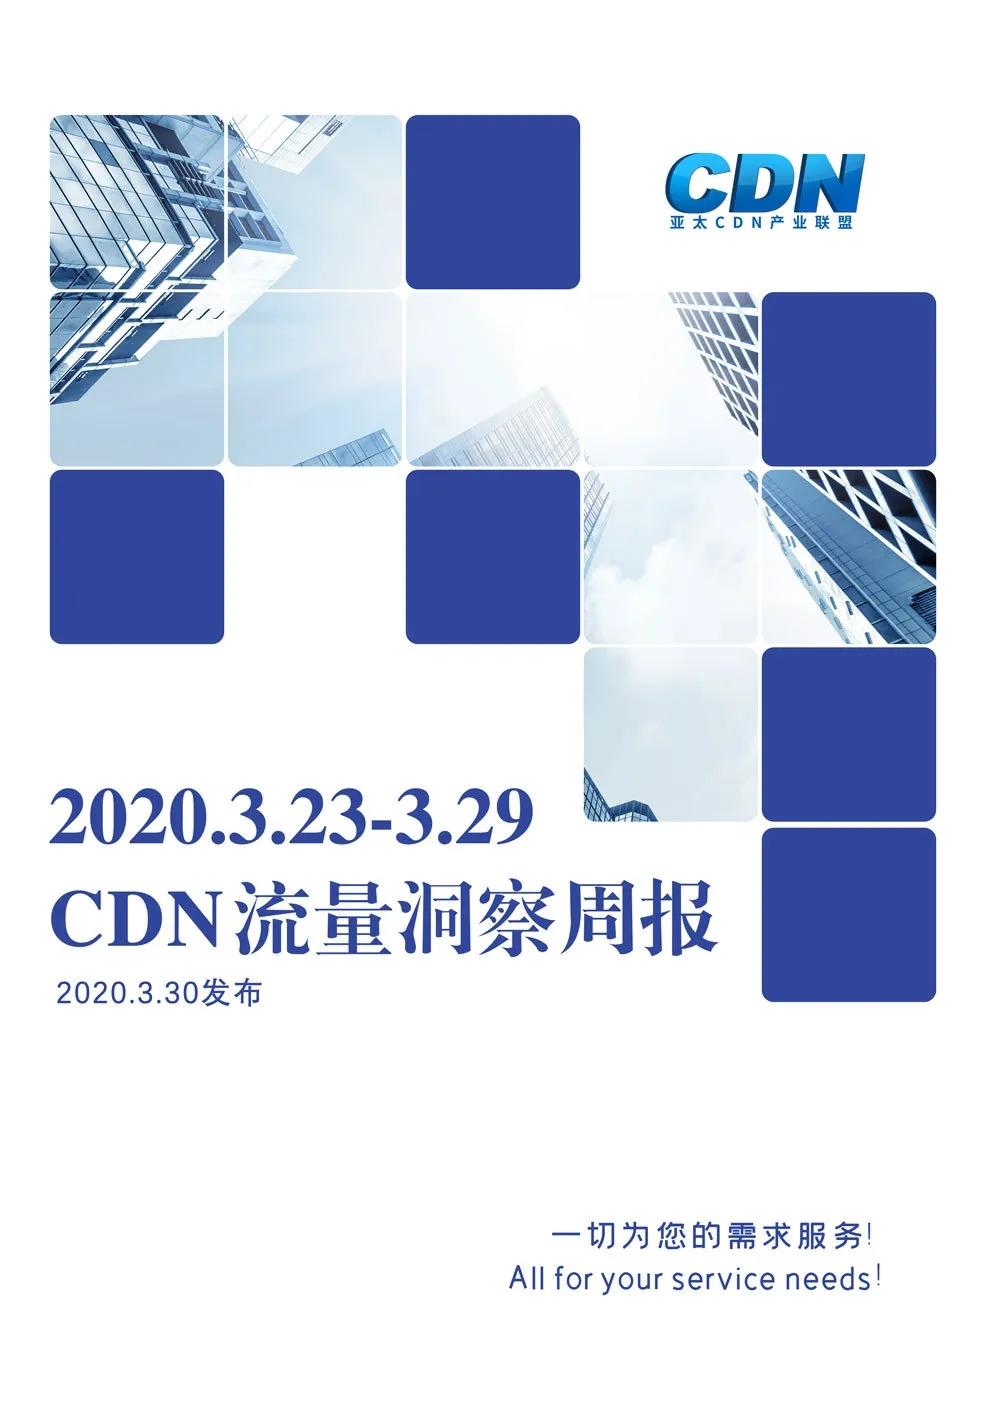 【第4期】3.23-3.29|CDN流量洞察周报